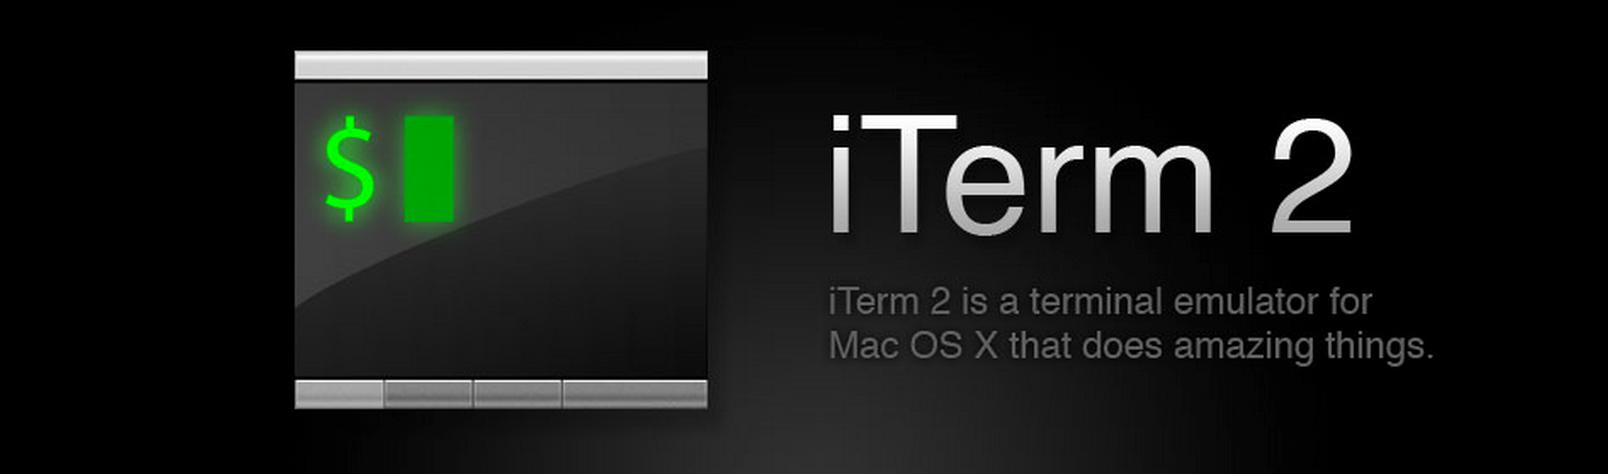 iTerm 2 Mac OS X Download für schnelleres Arbeiten, auch multilingual